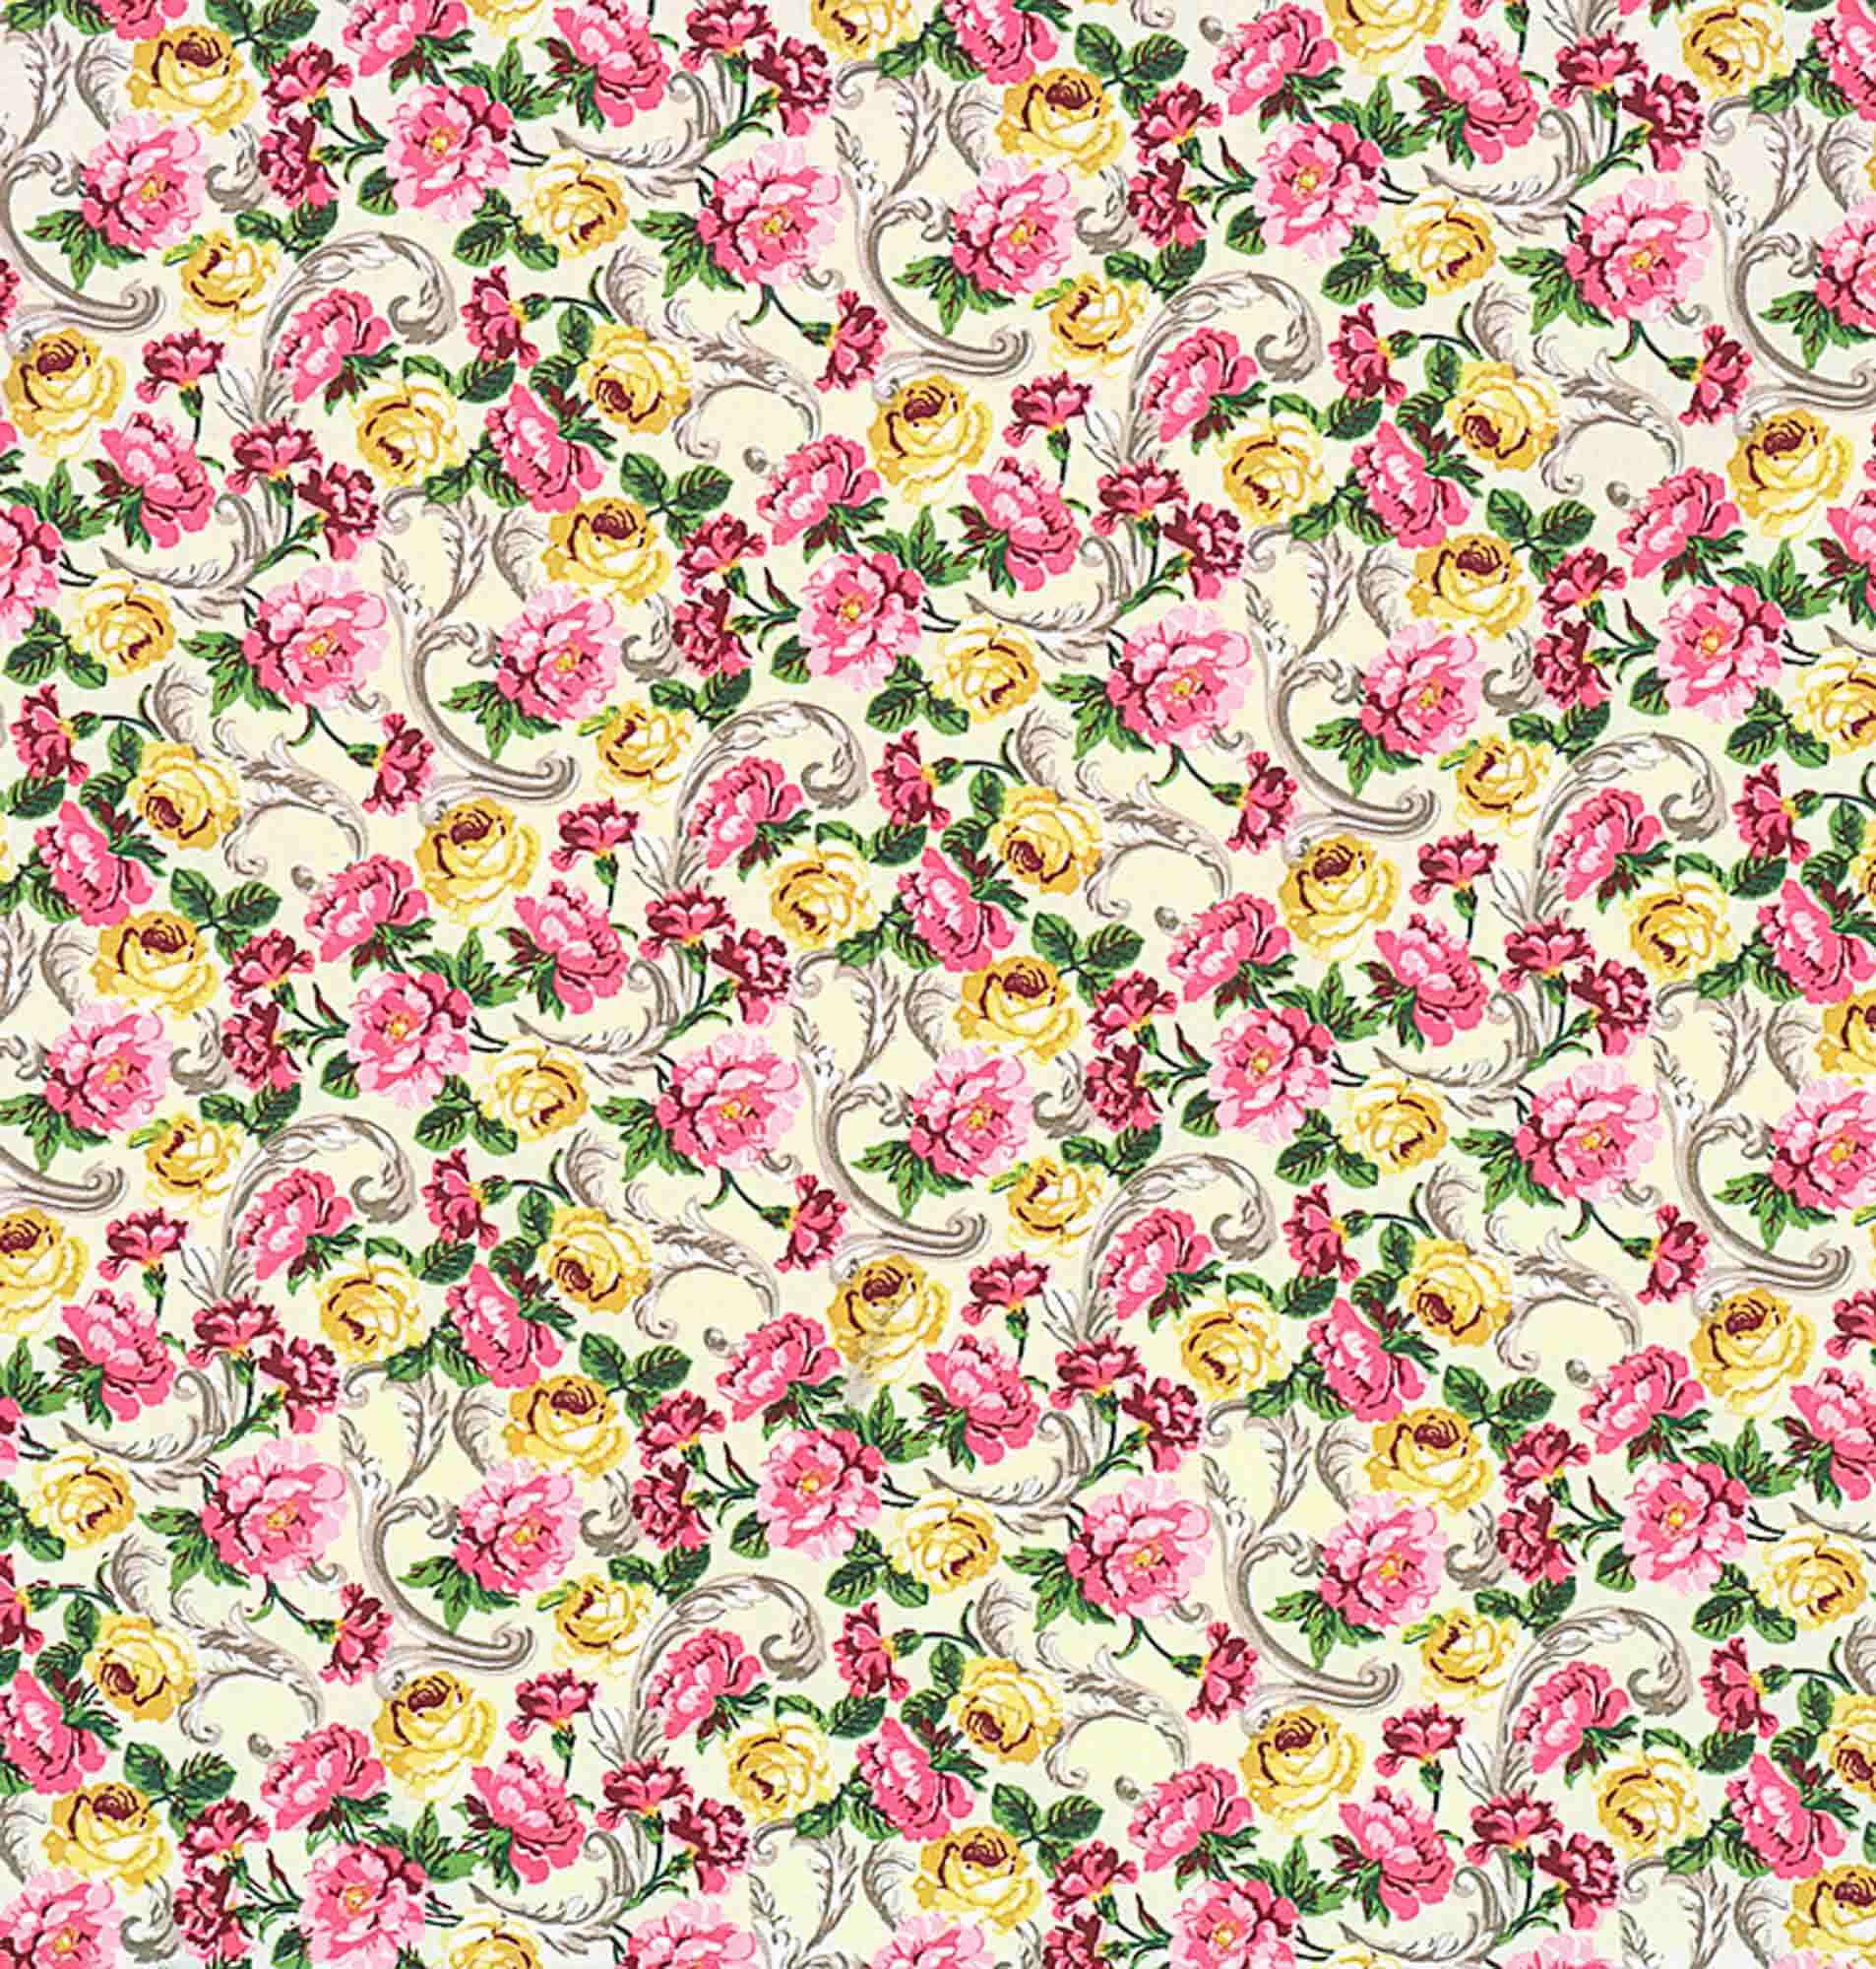 Tecido tricoline estampado dohler 100% algodão flores